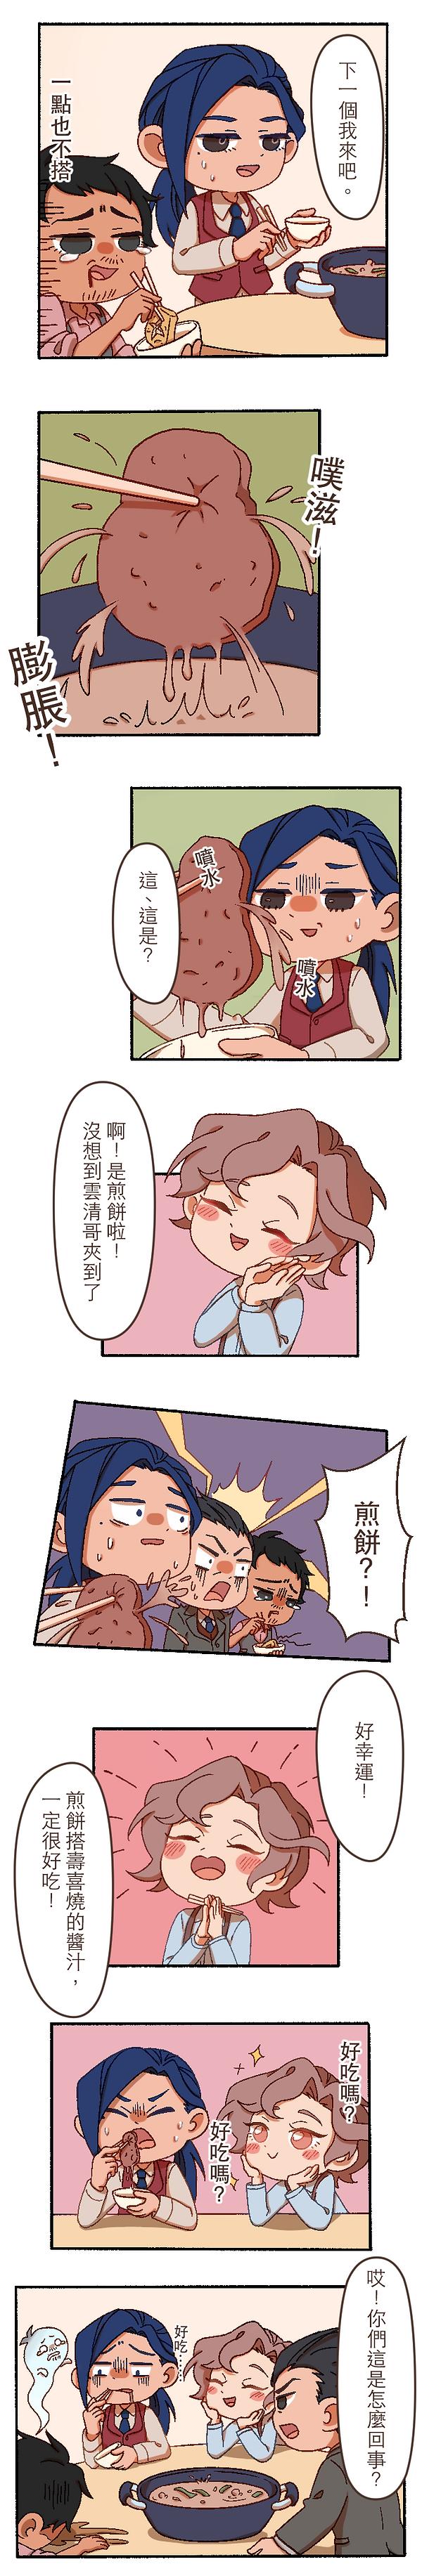 20壽喜燒-3.png